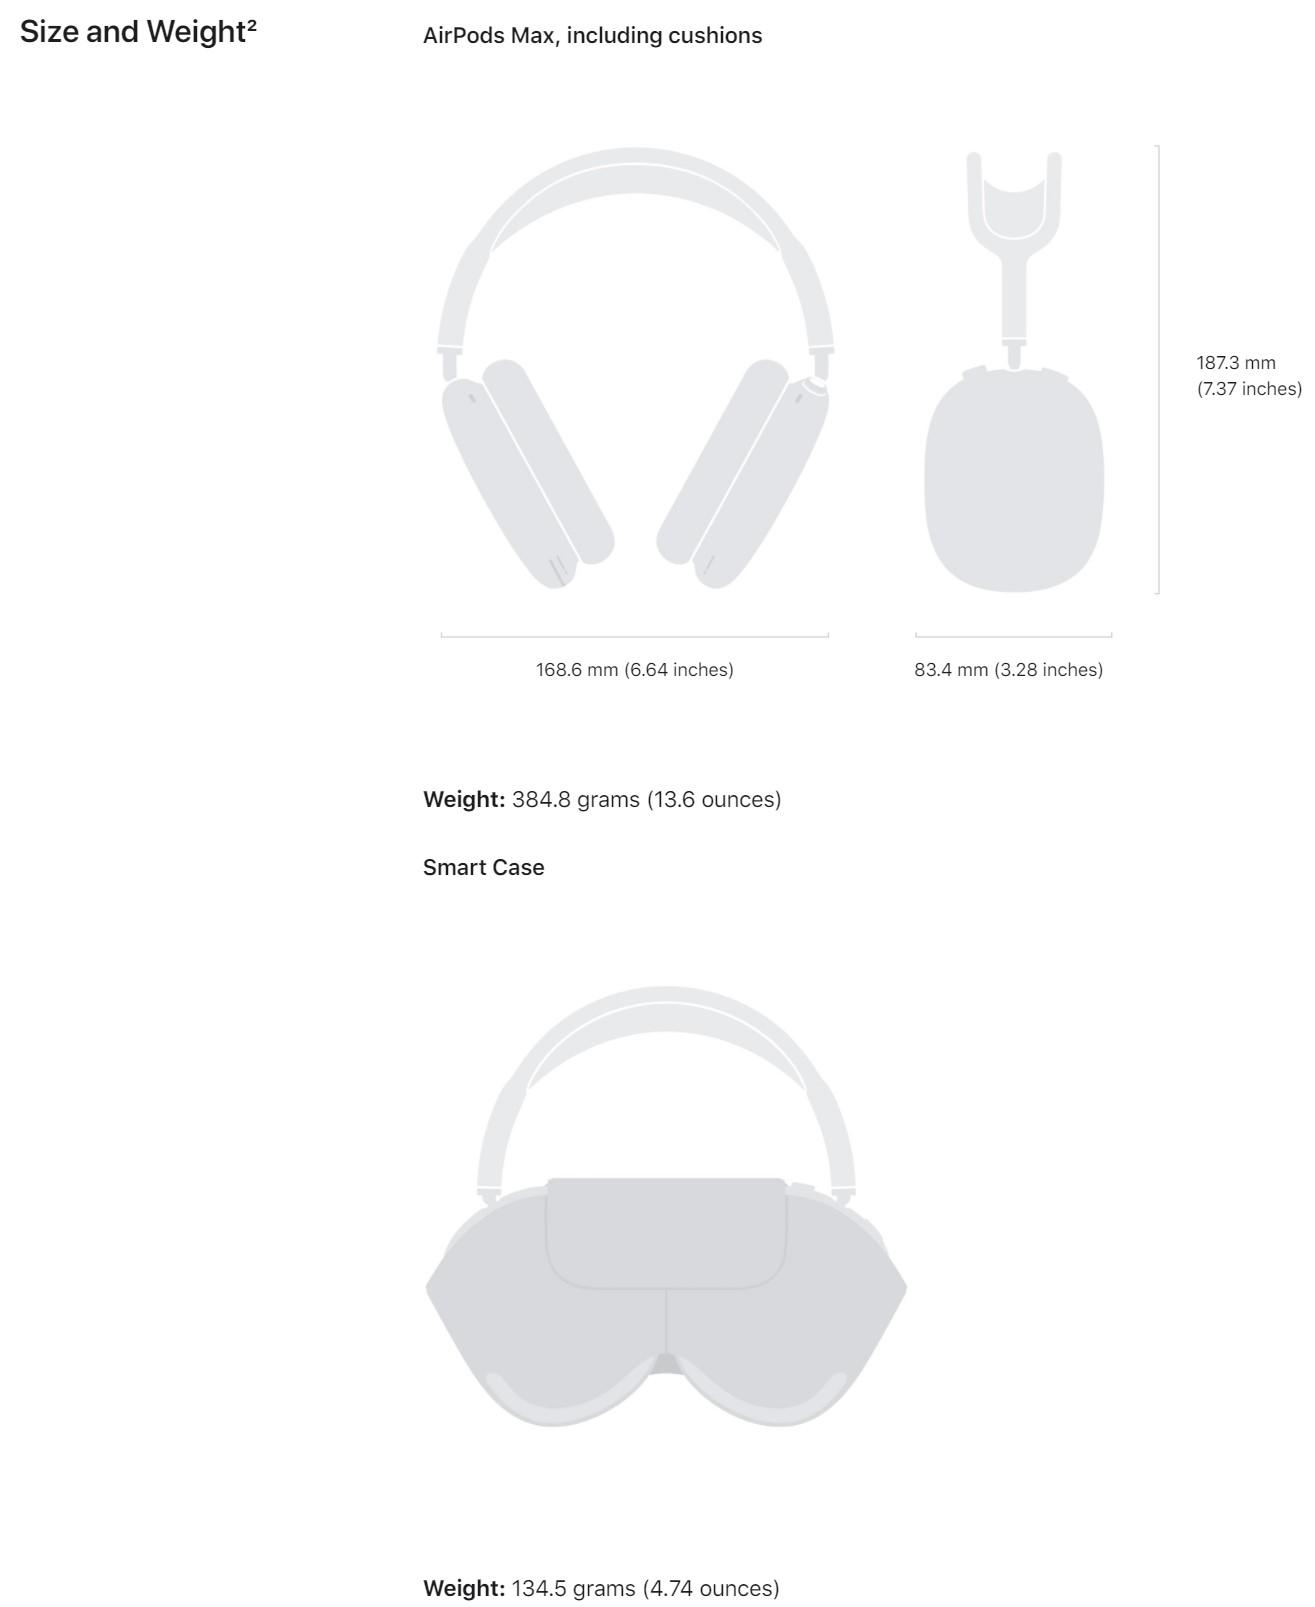 specs2.jpg